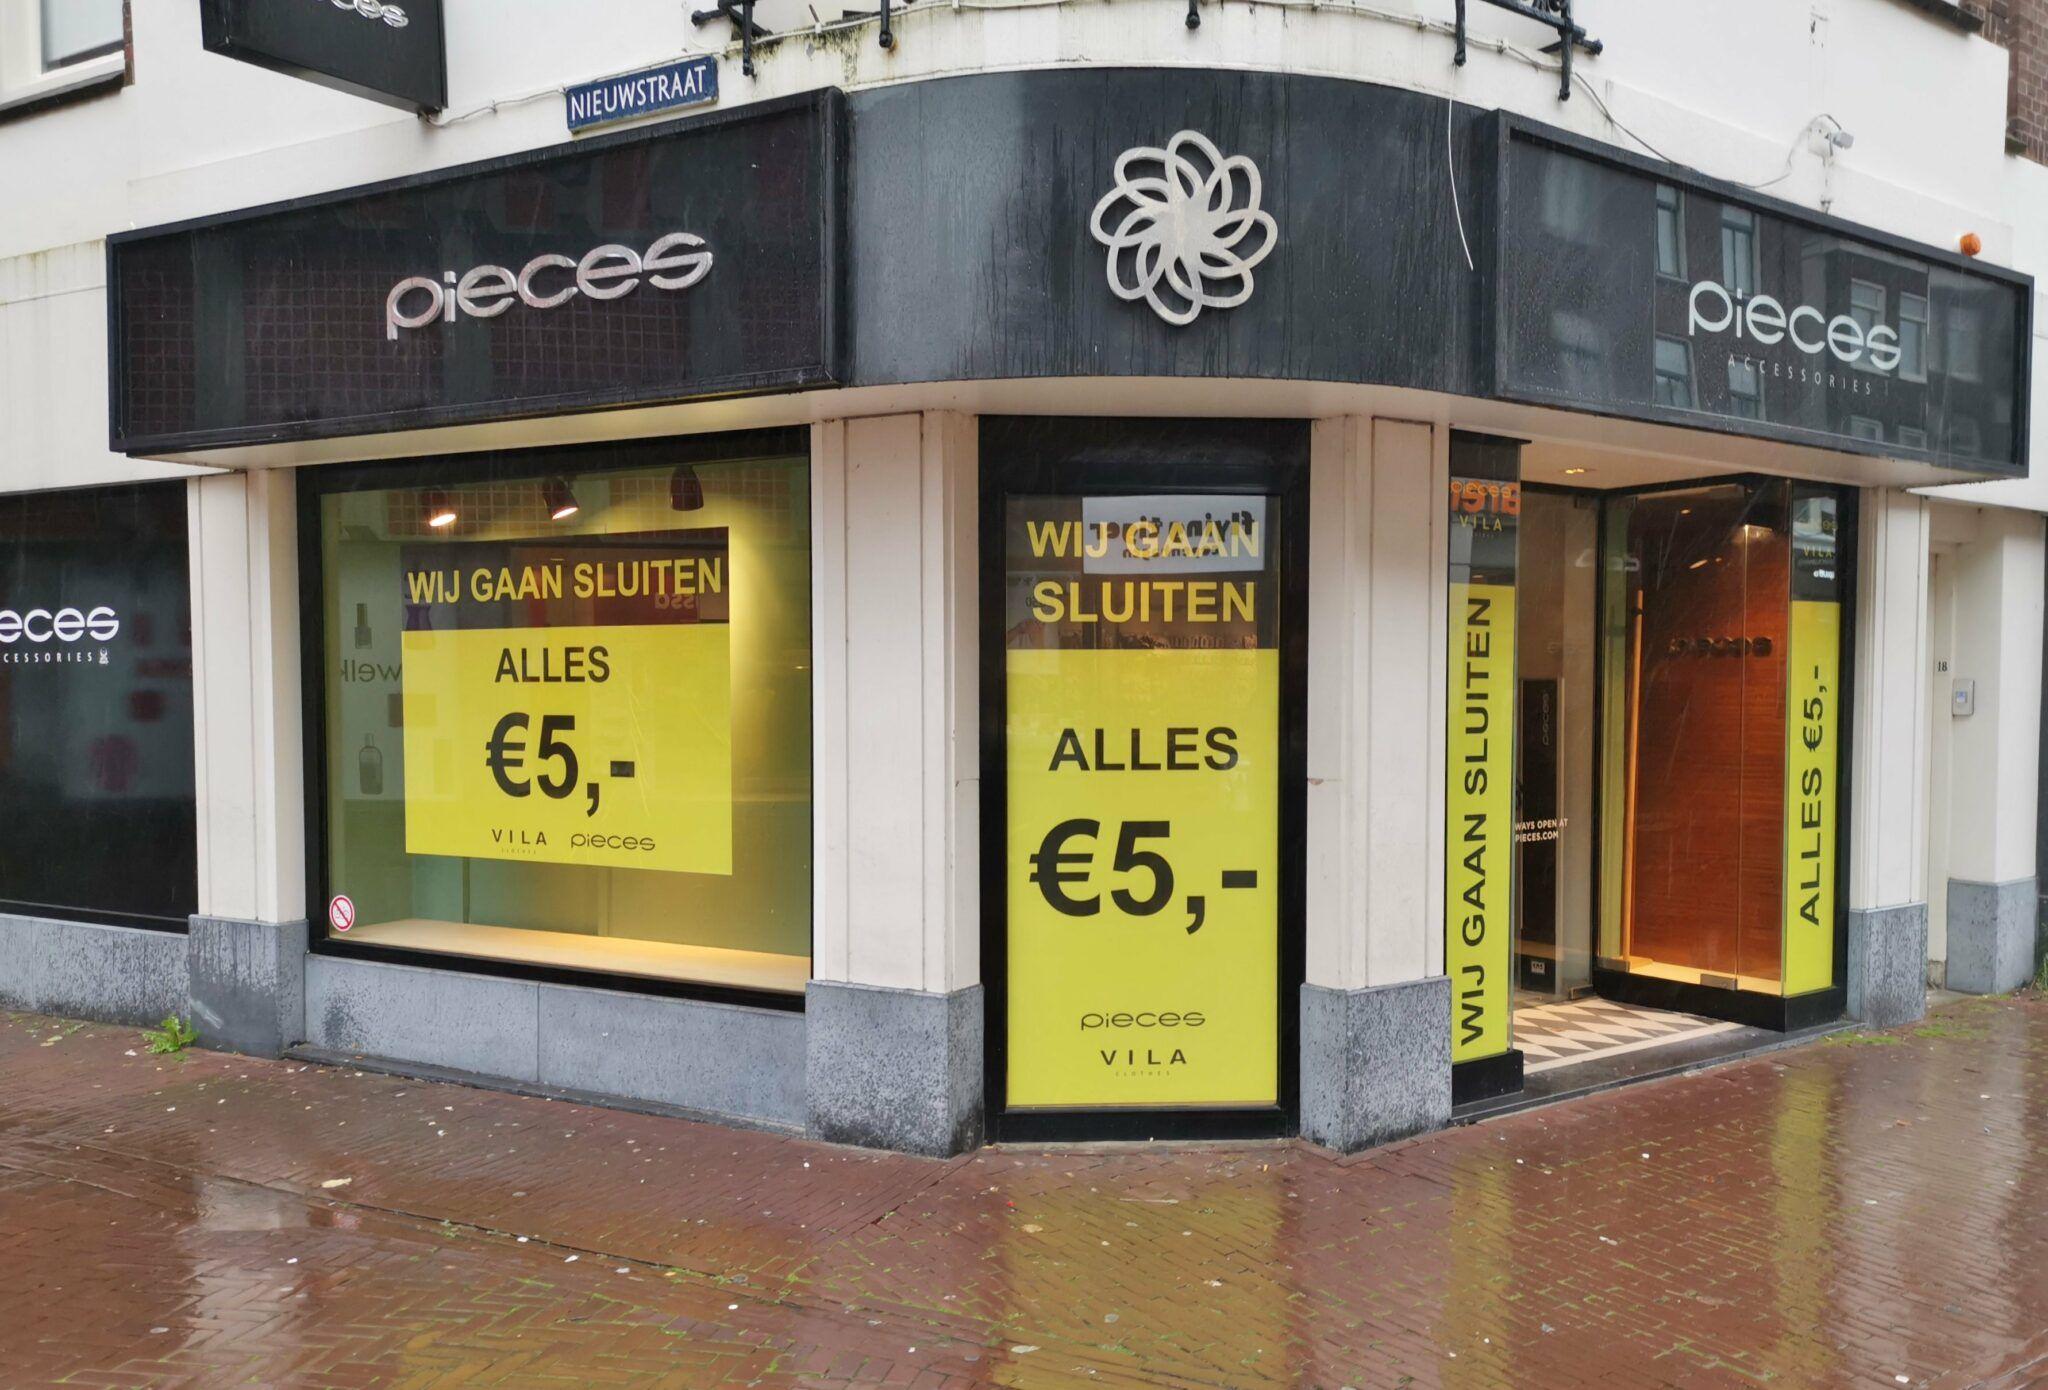 [Lokaal] Pieces in Gouda (Kleiweg) gaat sluiten: ALLES voor €5,-